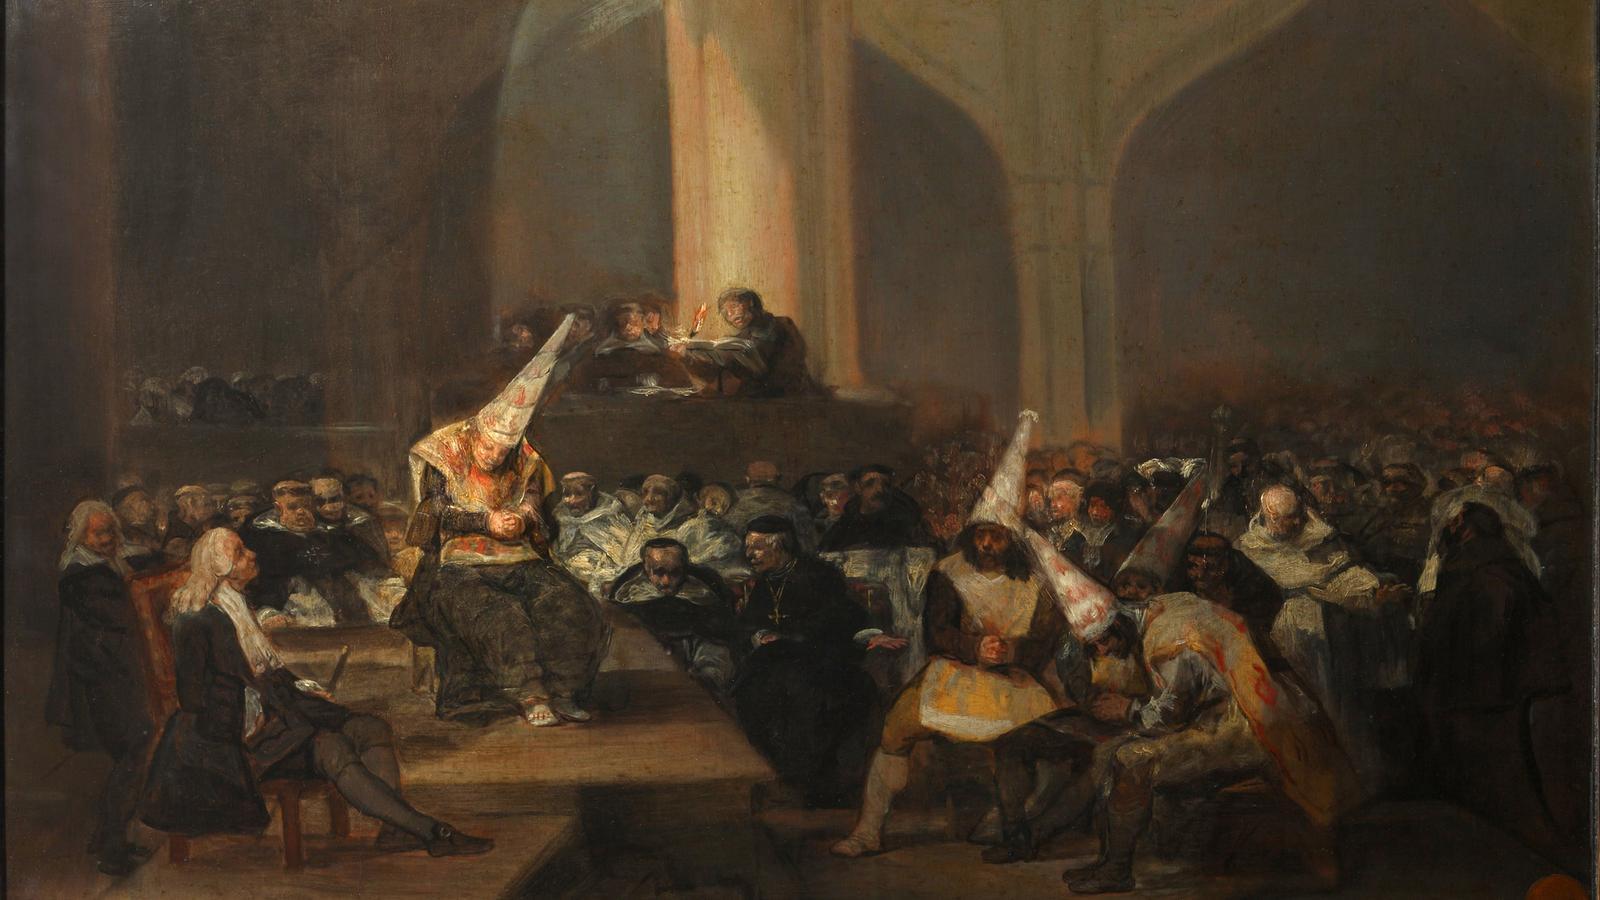 Acte de fe de la Inquisició, de Francisco de Goya, entre el 1812 i el 1819. Els imputats poden acabar condemnats a mort a la foguera. / REAL ACADEMIA DE BELLAS ARTES DE SAN FERNANDO